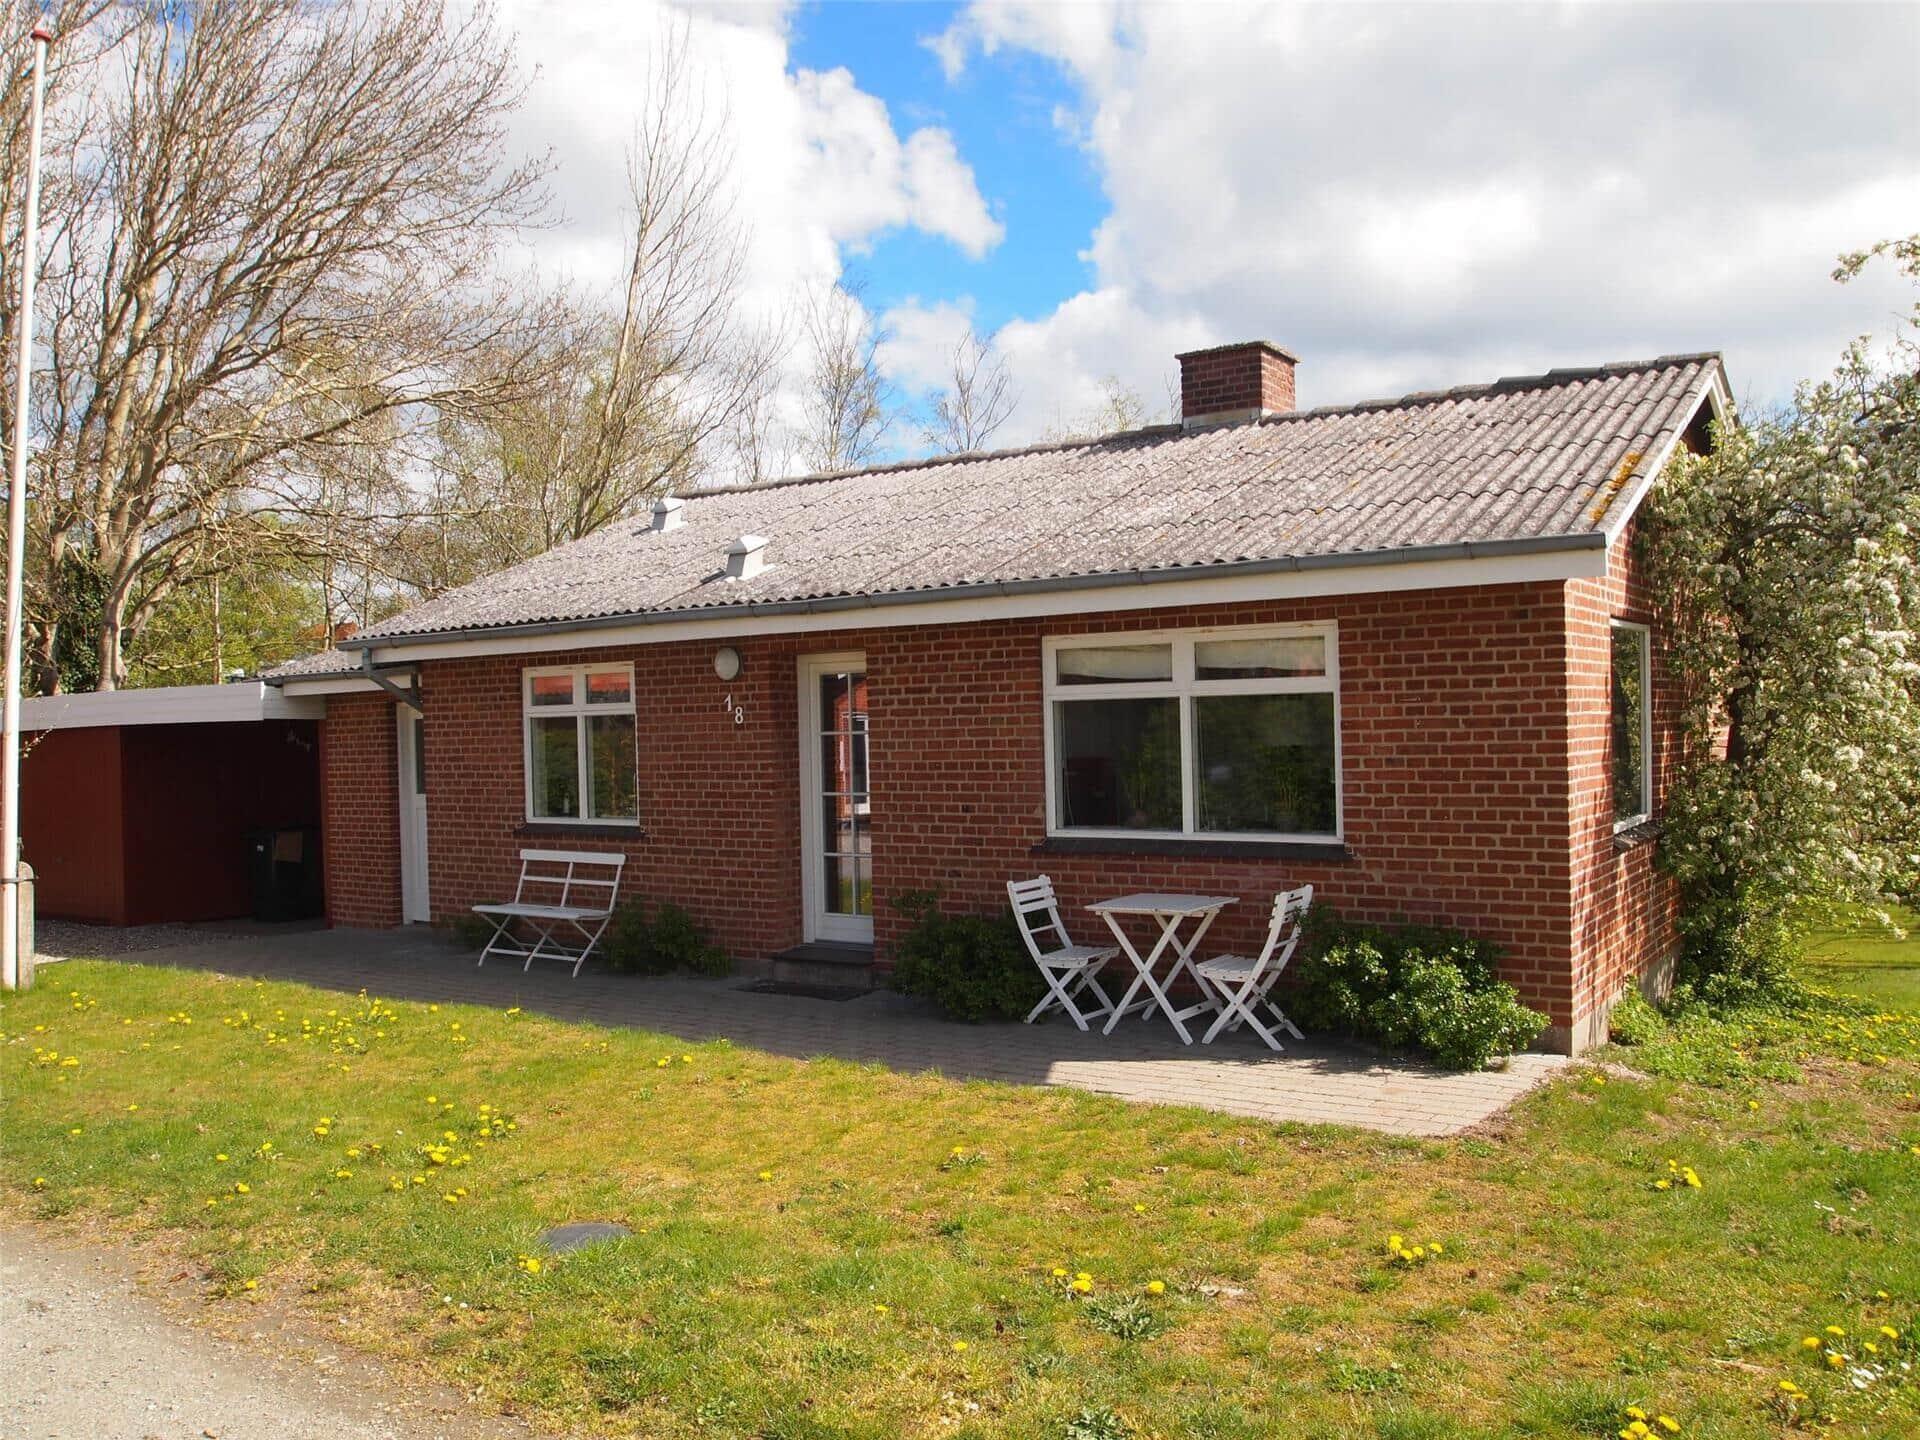 Bild 1-3 Ferienhaus F503521, Banedæmningen 18, DK - 6094 Hejls